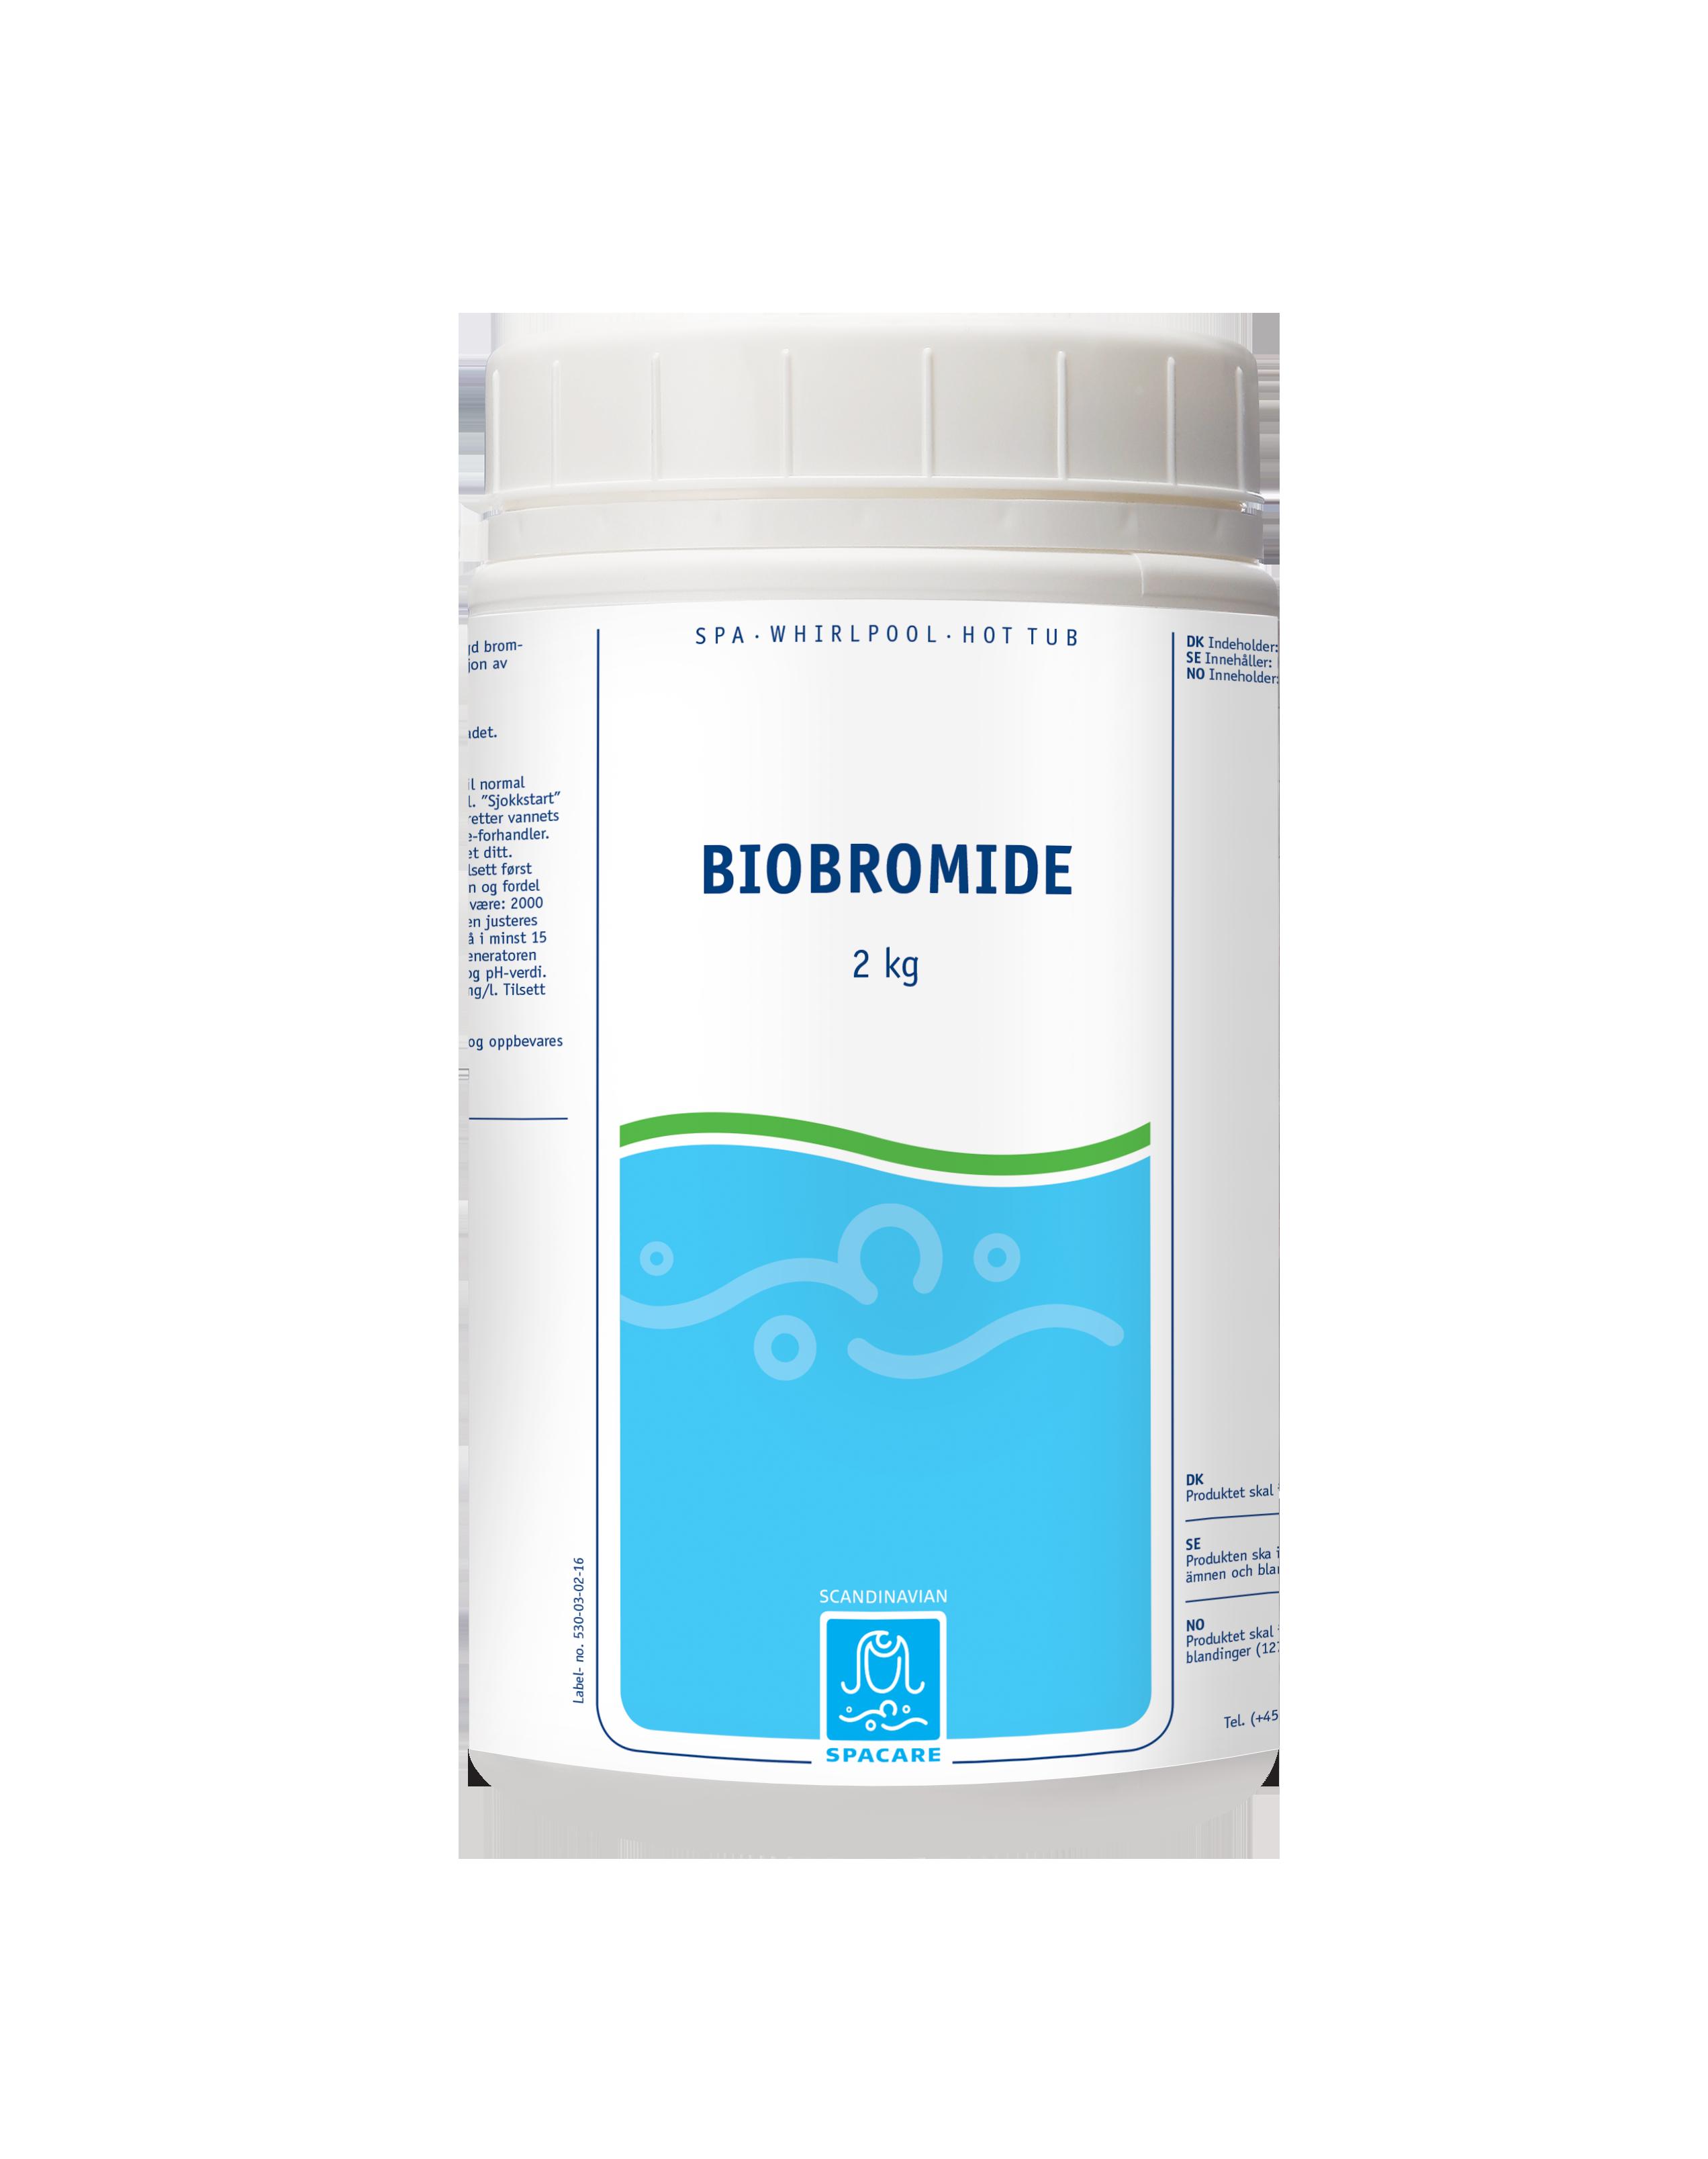 SpaCare Biobromide